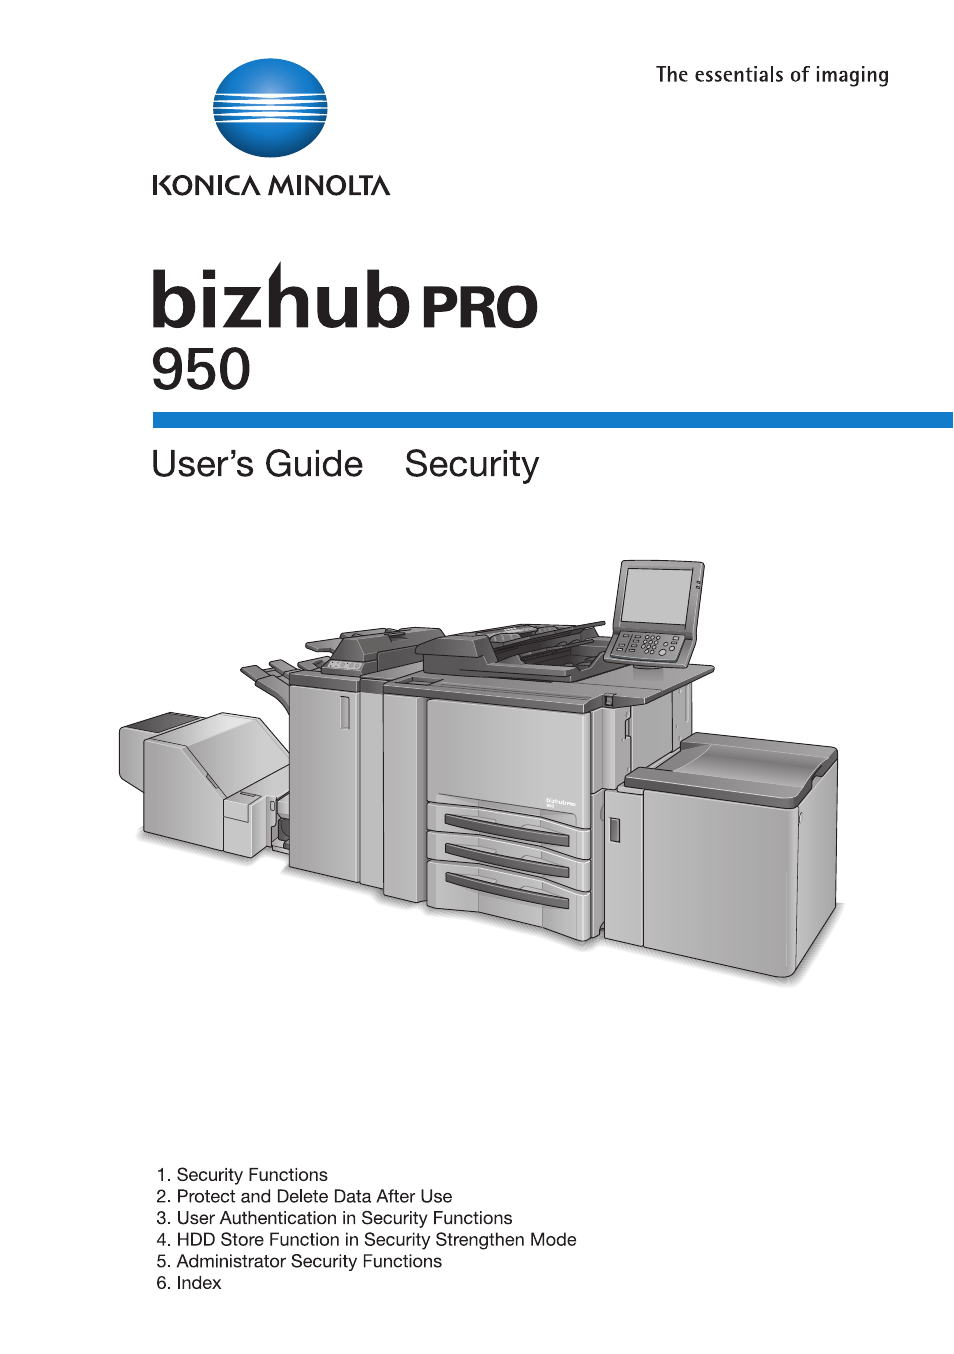 konica minolta bizhub pro 950 user manual 82 pages rh manualsdir com konica minolta bizhub pro 950 service manual Konica Minolta Bizhub Pro C6500